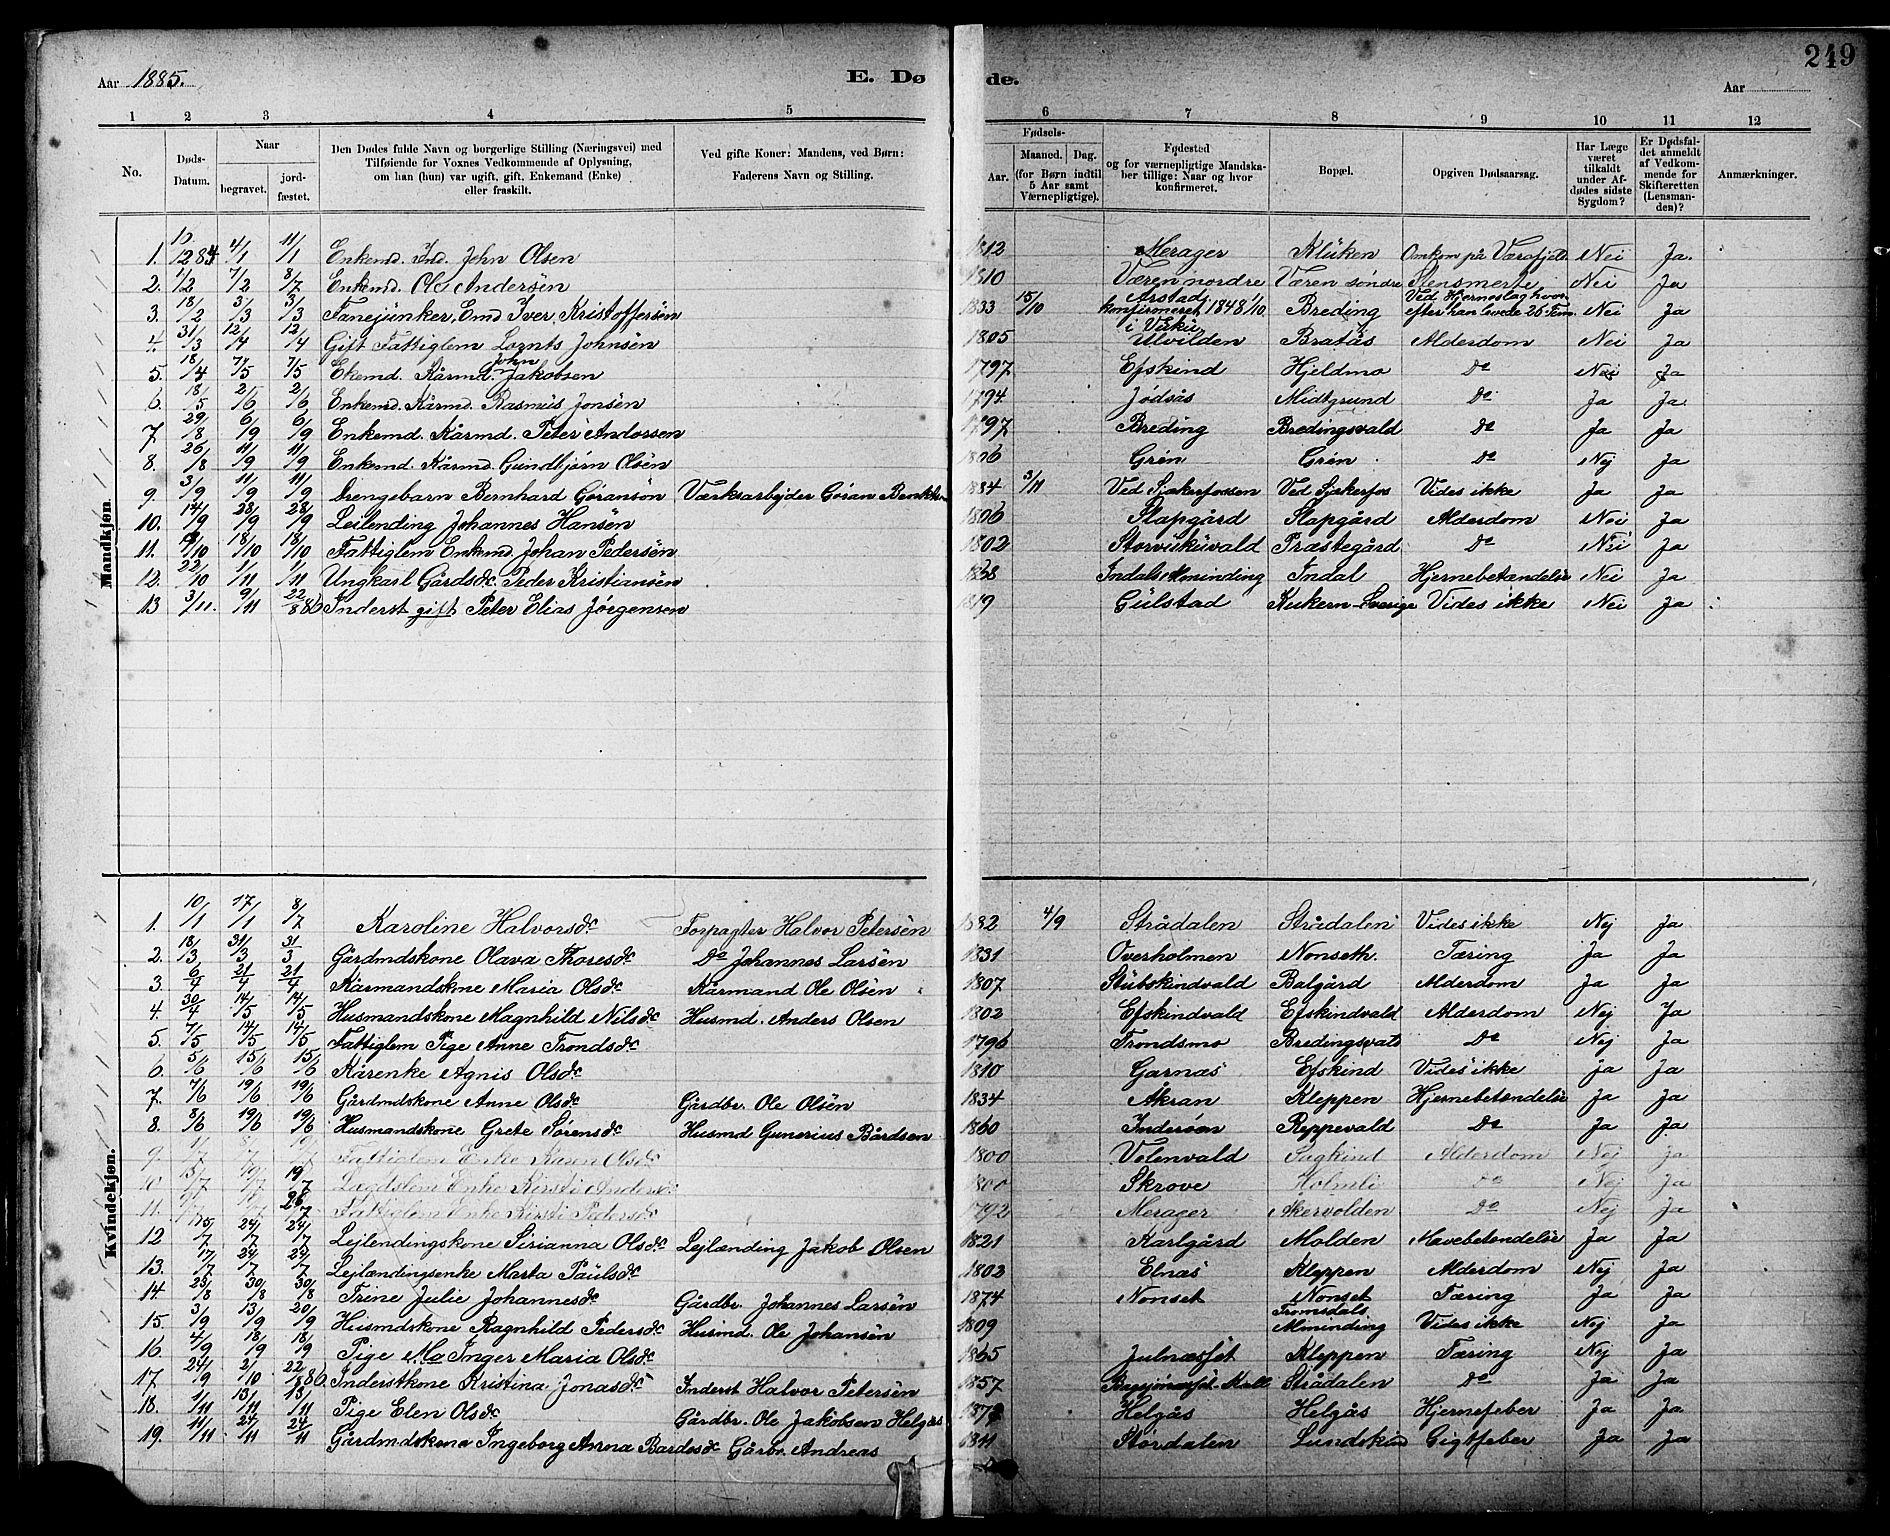 SAT, Ministerialprotokoller, klokkerbøker og fødselsregistre - Nord-Trøndelag, 724/L0267: Klokkerbok nr. 724C03, 1879-1898, s. 249